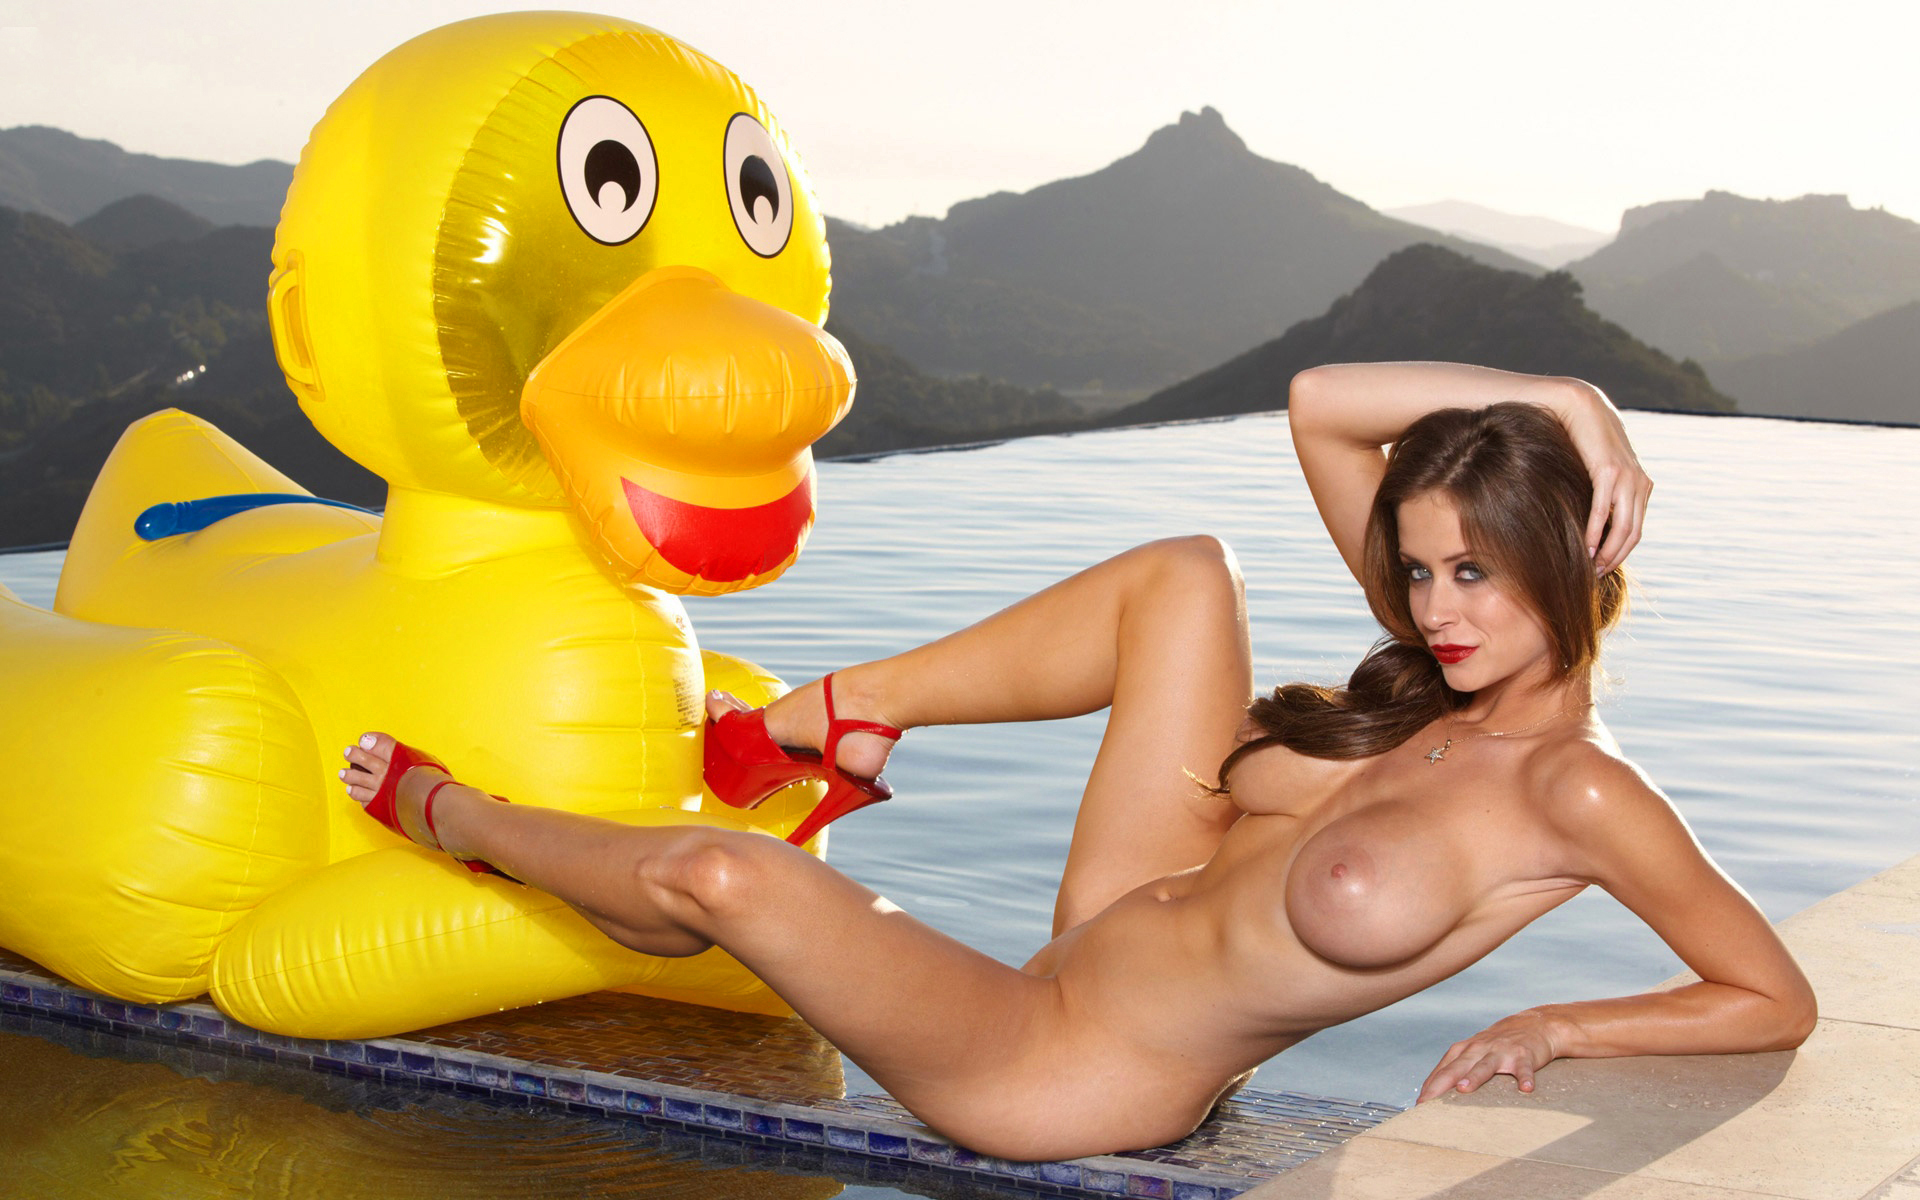 Порно фото девушка с надувным кругом, у девушки просто шикарные большие дойки в порно роликах